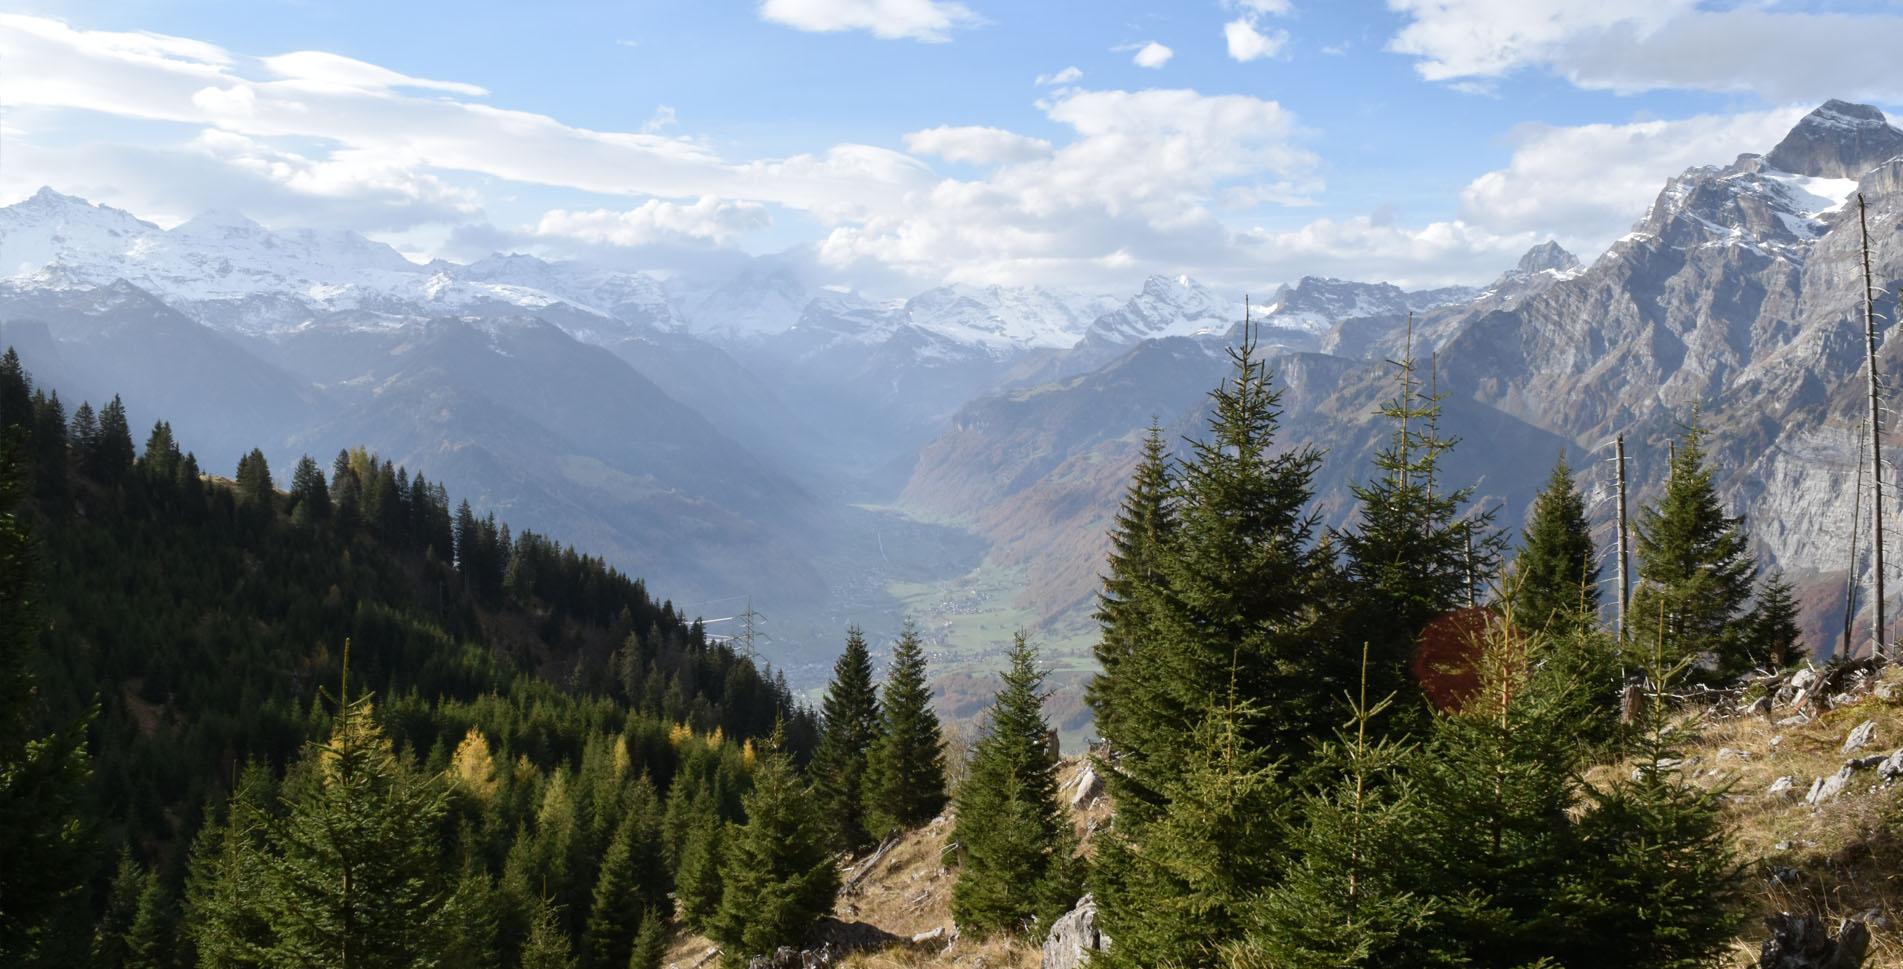 Wanderung oberhalb Ennenda im Kanton Glarus durch das Welterbegebiet der Tektonikarena Sardona auf dem Holzflue-Rundweg von der Bergstation Bärenboden via Aeugstenhütte durch den Aeugstenwald an den Fuss vom Schilt und via Alp Begligen zurück zum Bärenboden